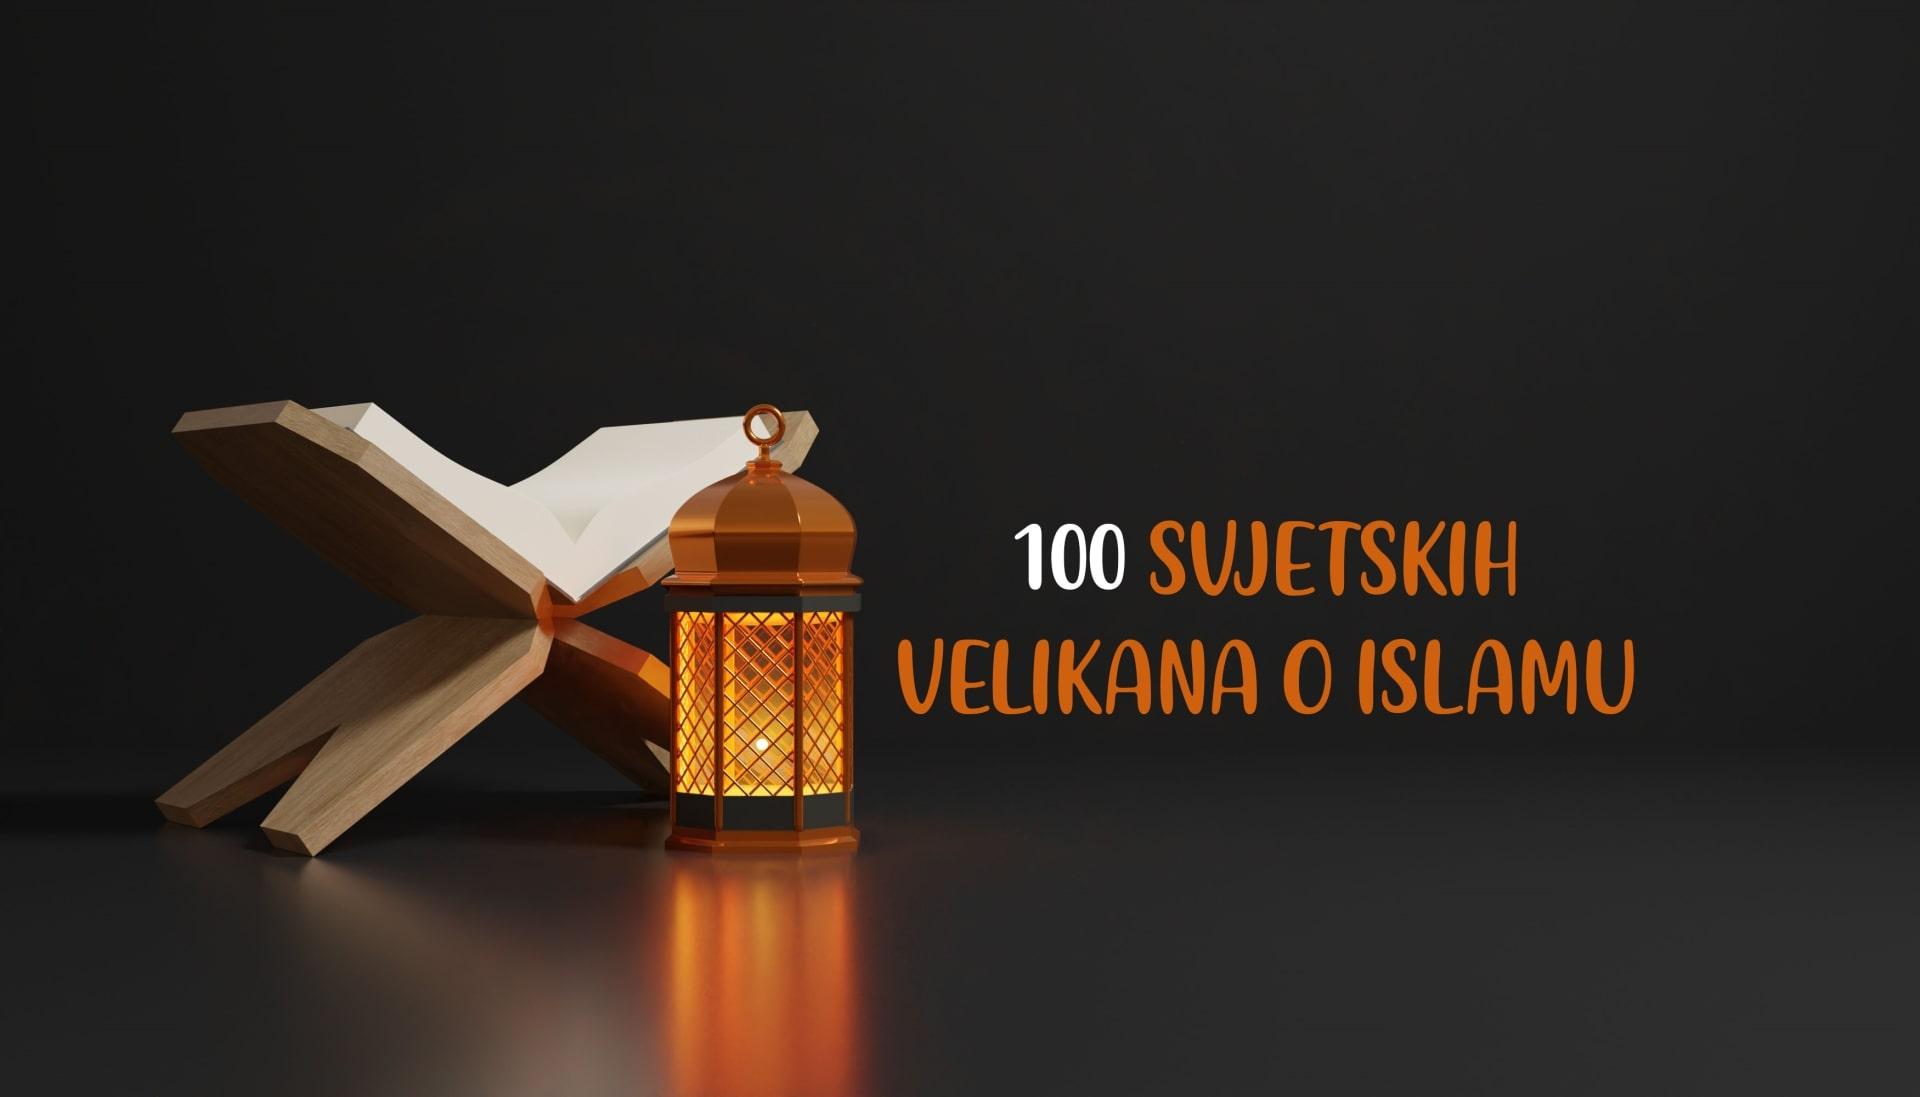 100 svjetskih velikana o islamu – Edvard Gibon Poučne priče Samir Bikić blog.kelimeh.org El-Kelimeh Kelimeh